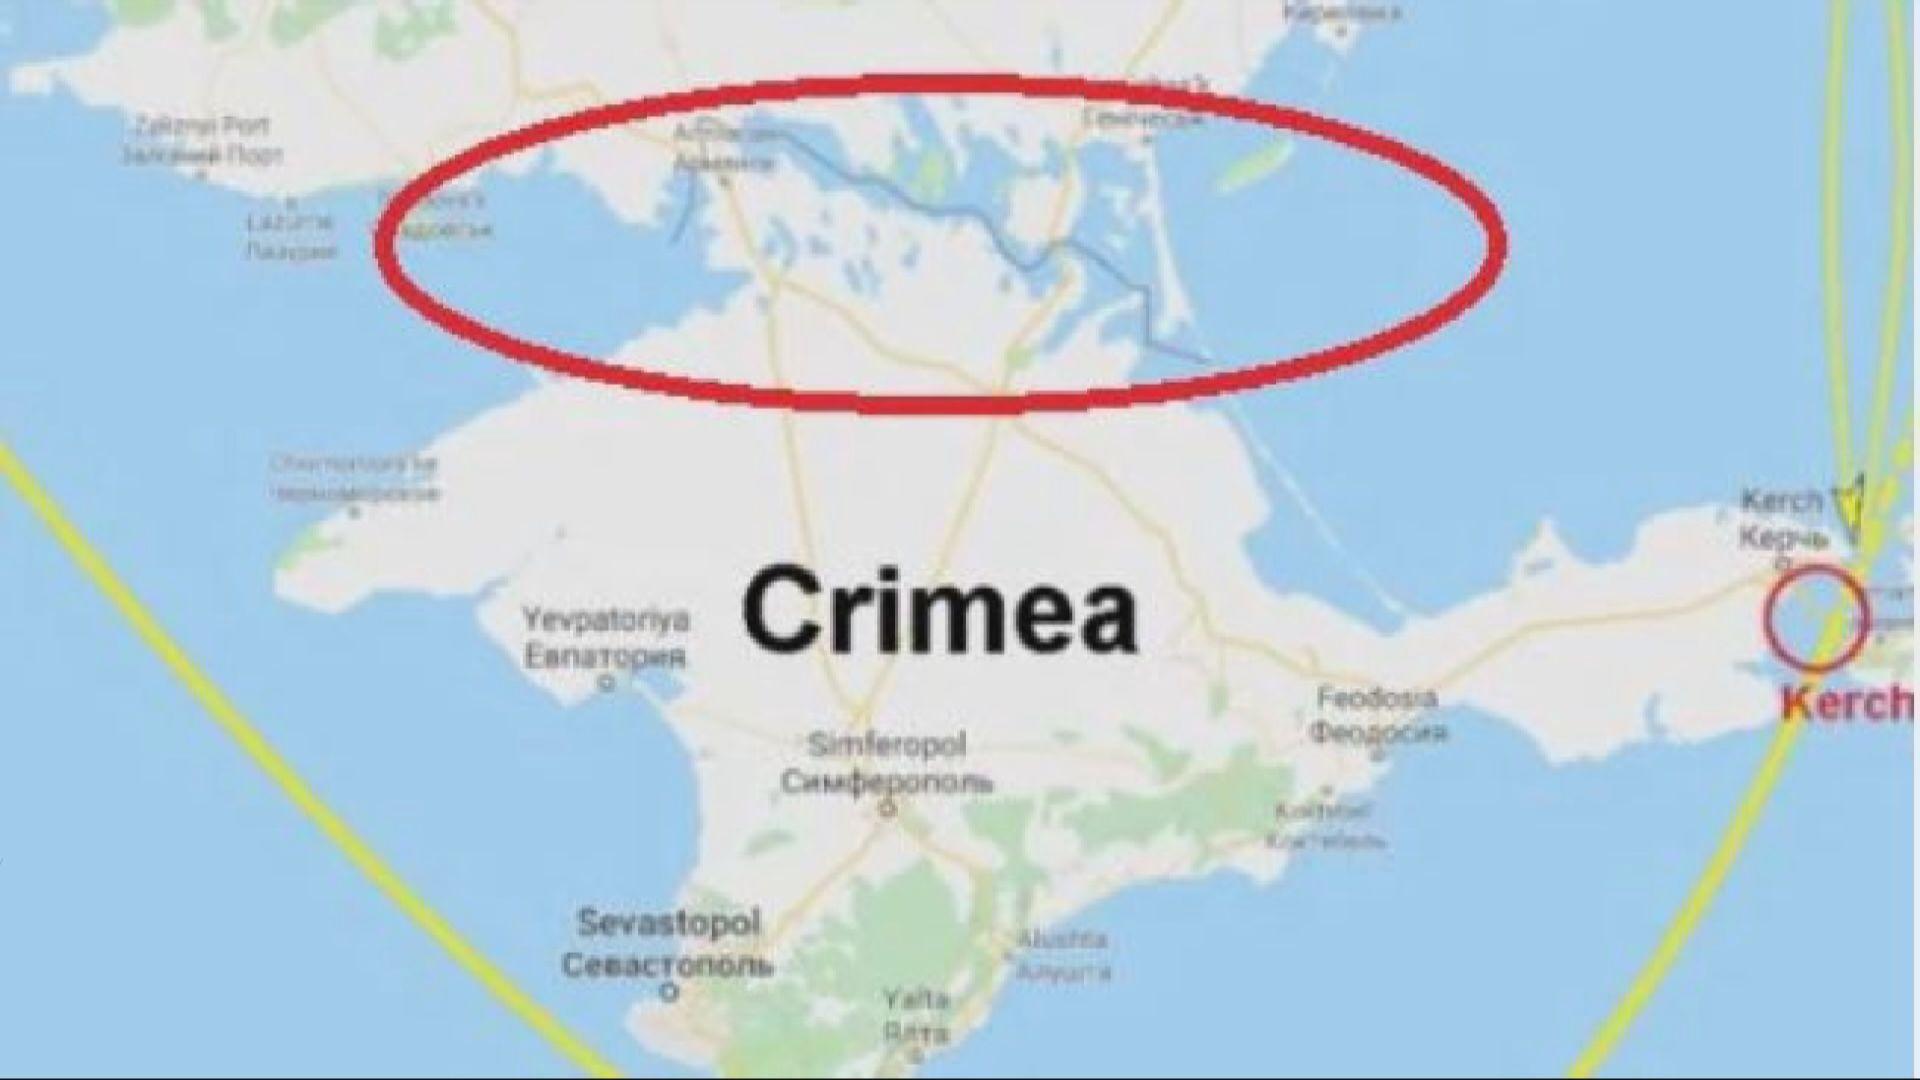 蘋果迎合俄羅斯修改克里米亞地圖